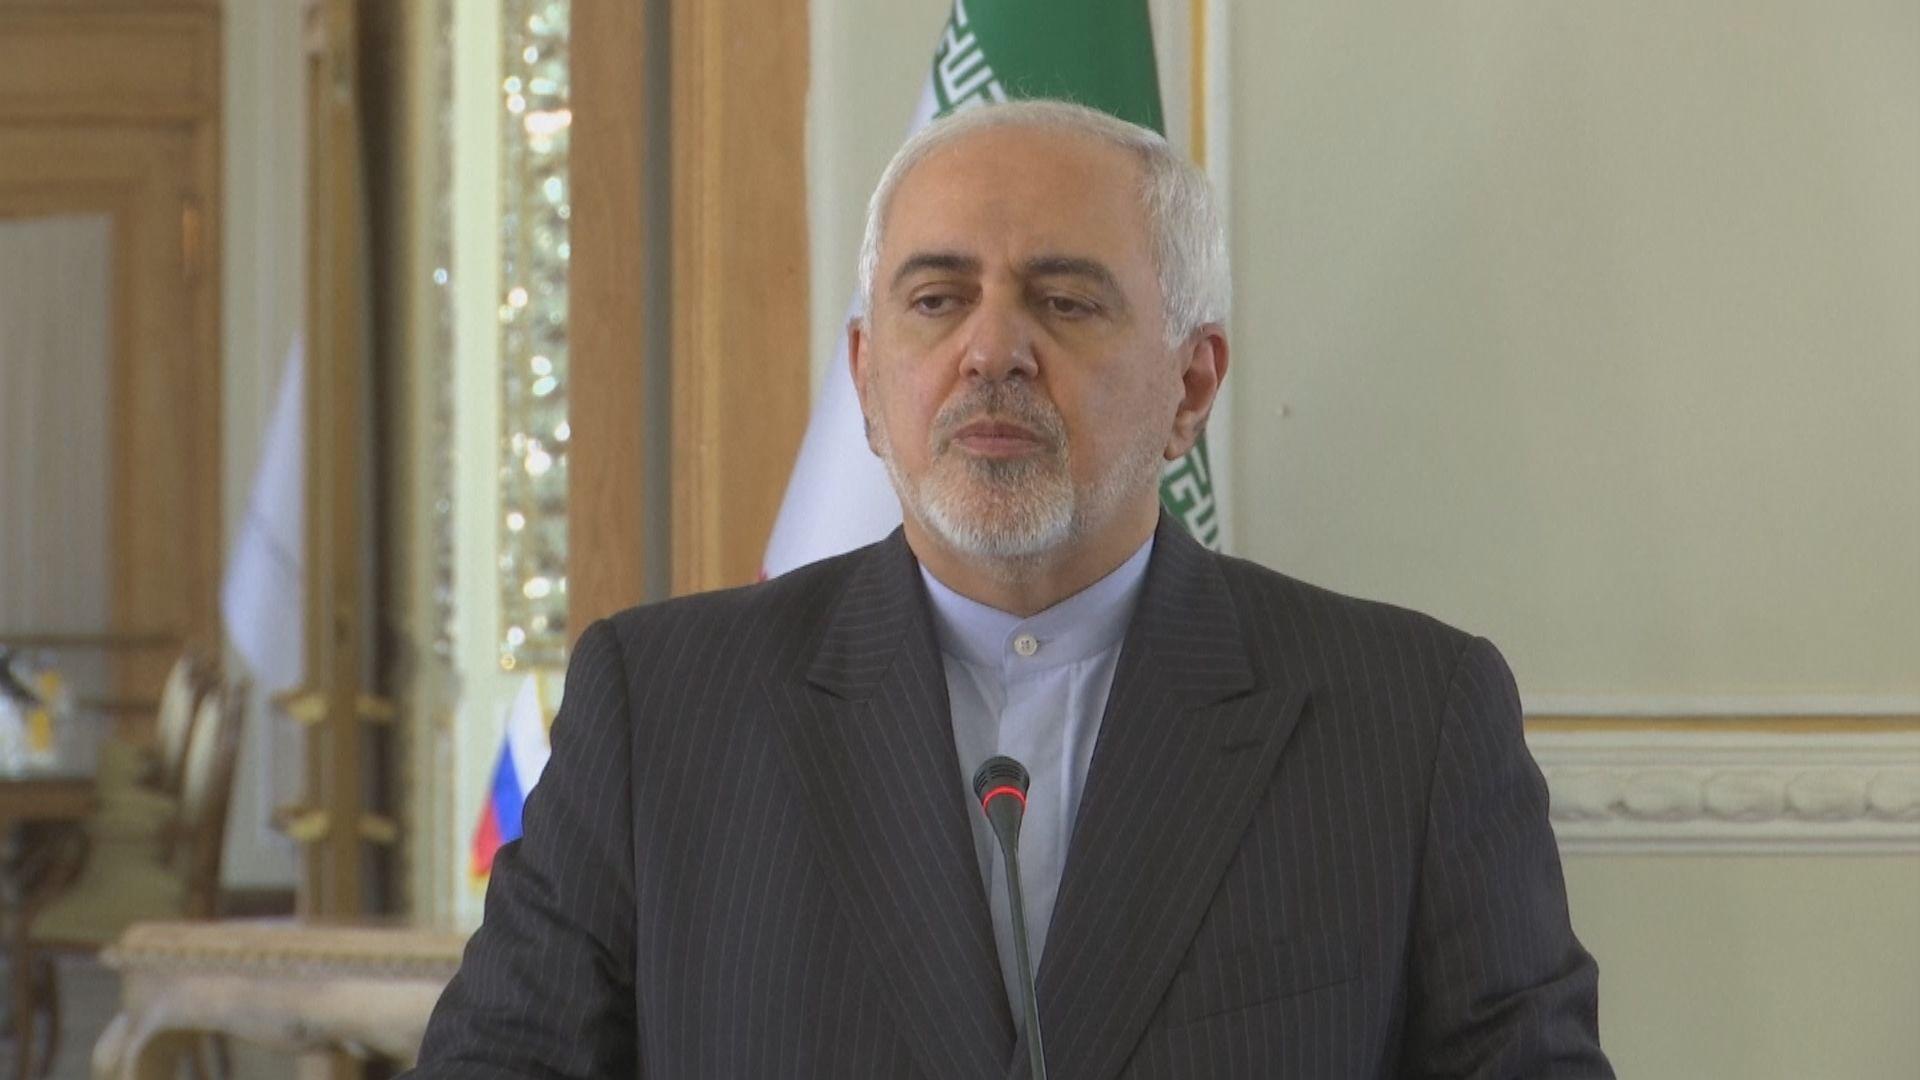 分析認為扎里夫言論或影響伊朗核協議前景